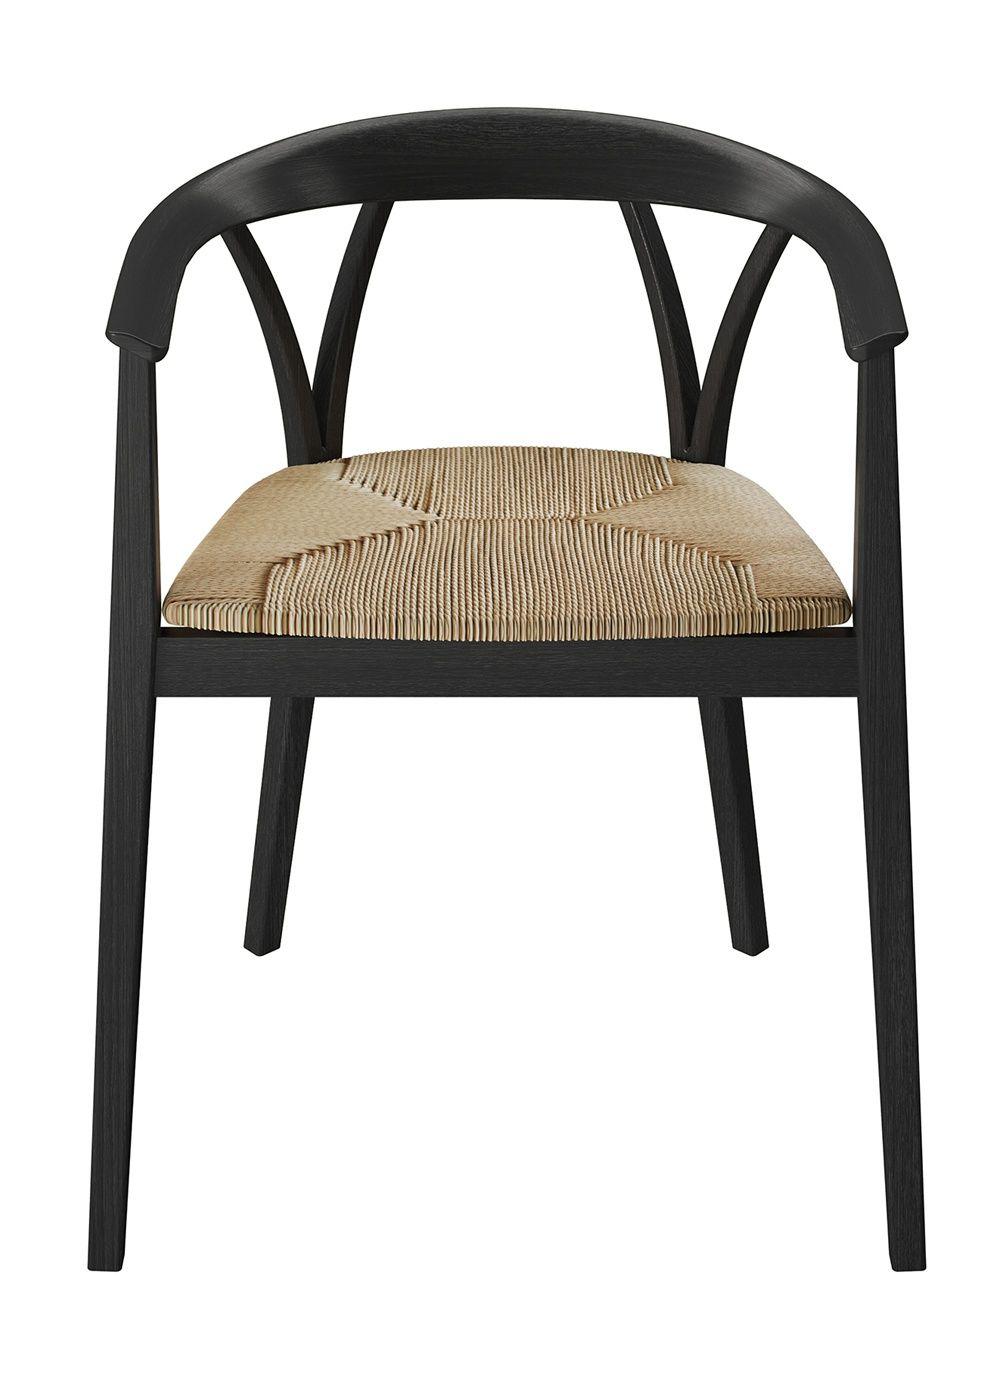 De padova srl prodotti sedie donzelletta sitting for Sedie design furniture e commerce